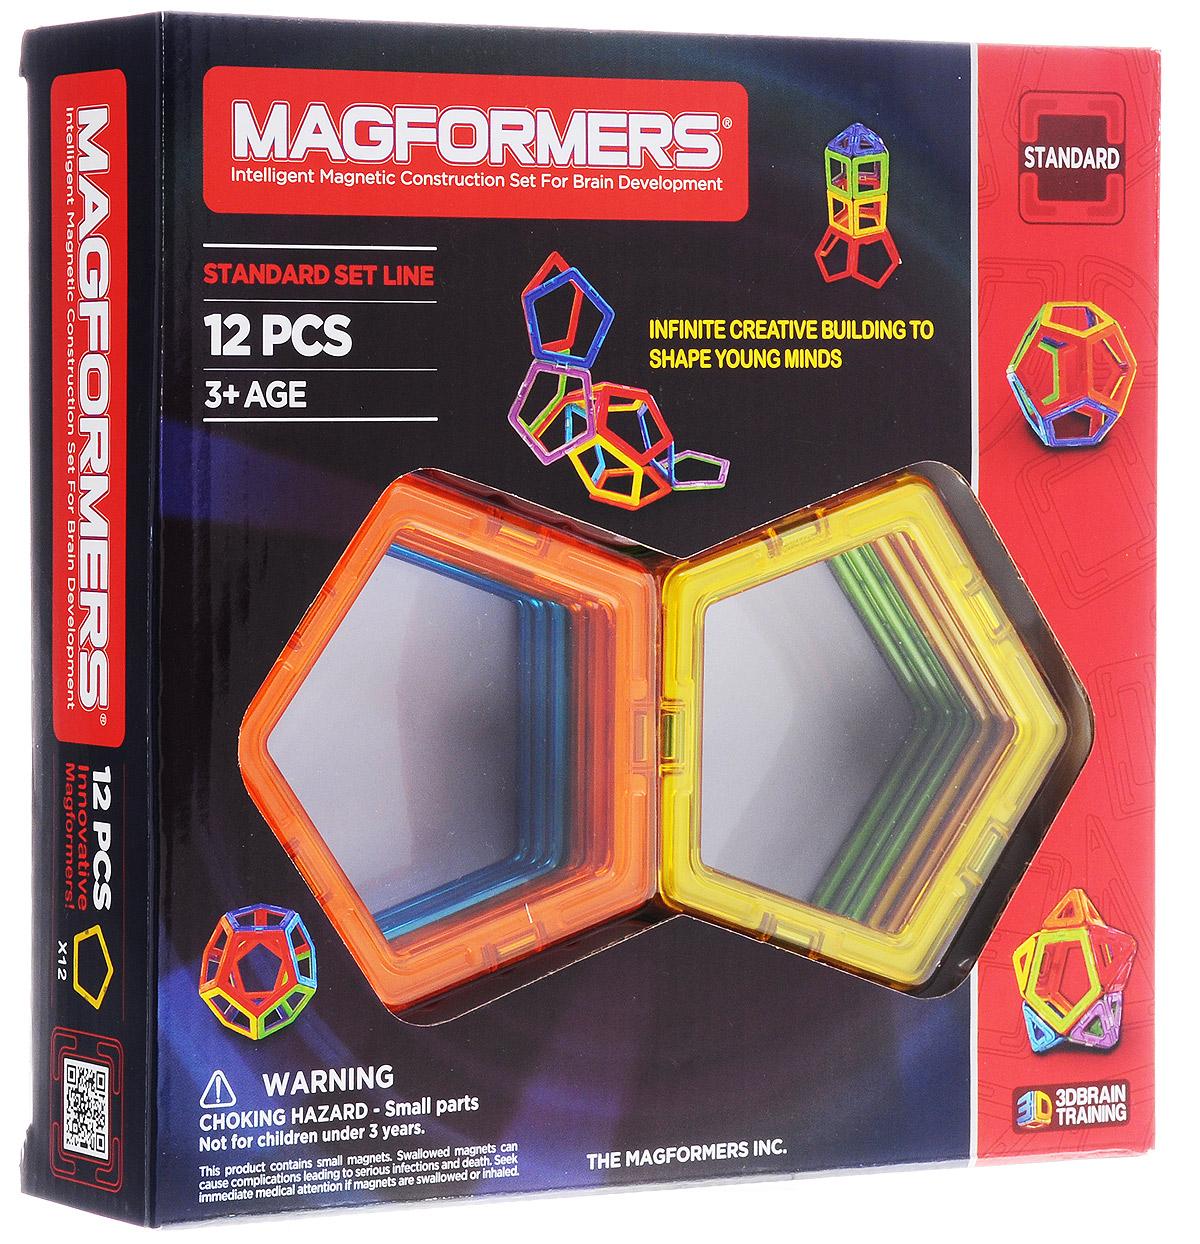 Magformers Магнитный конструктор Standard63071Магнитный конструктор Magformers Standard позволит построить различные 2D и 3D модели из цветных геометрических фигур. Этот набор состоит из пятиугольников, с помощью которых можно делать сложные шары. Он может стать прекрасным дополнением ко всем конструкторам Magformers. Почувствуйте силу магнитного поля, исследуйте и экспериментируйте с многочисленными вариантами соединений деталей! Игры с конструктором развивает у ребенка мелкую моторику, цветовое восприятие и пространственное мышление. Такой конструктор станет прекрасным подарком любому ребенку. В комплекте 12 элементов.